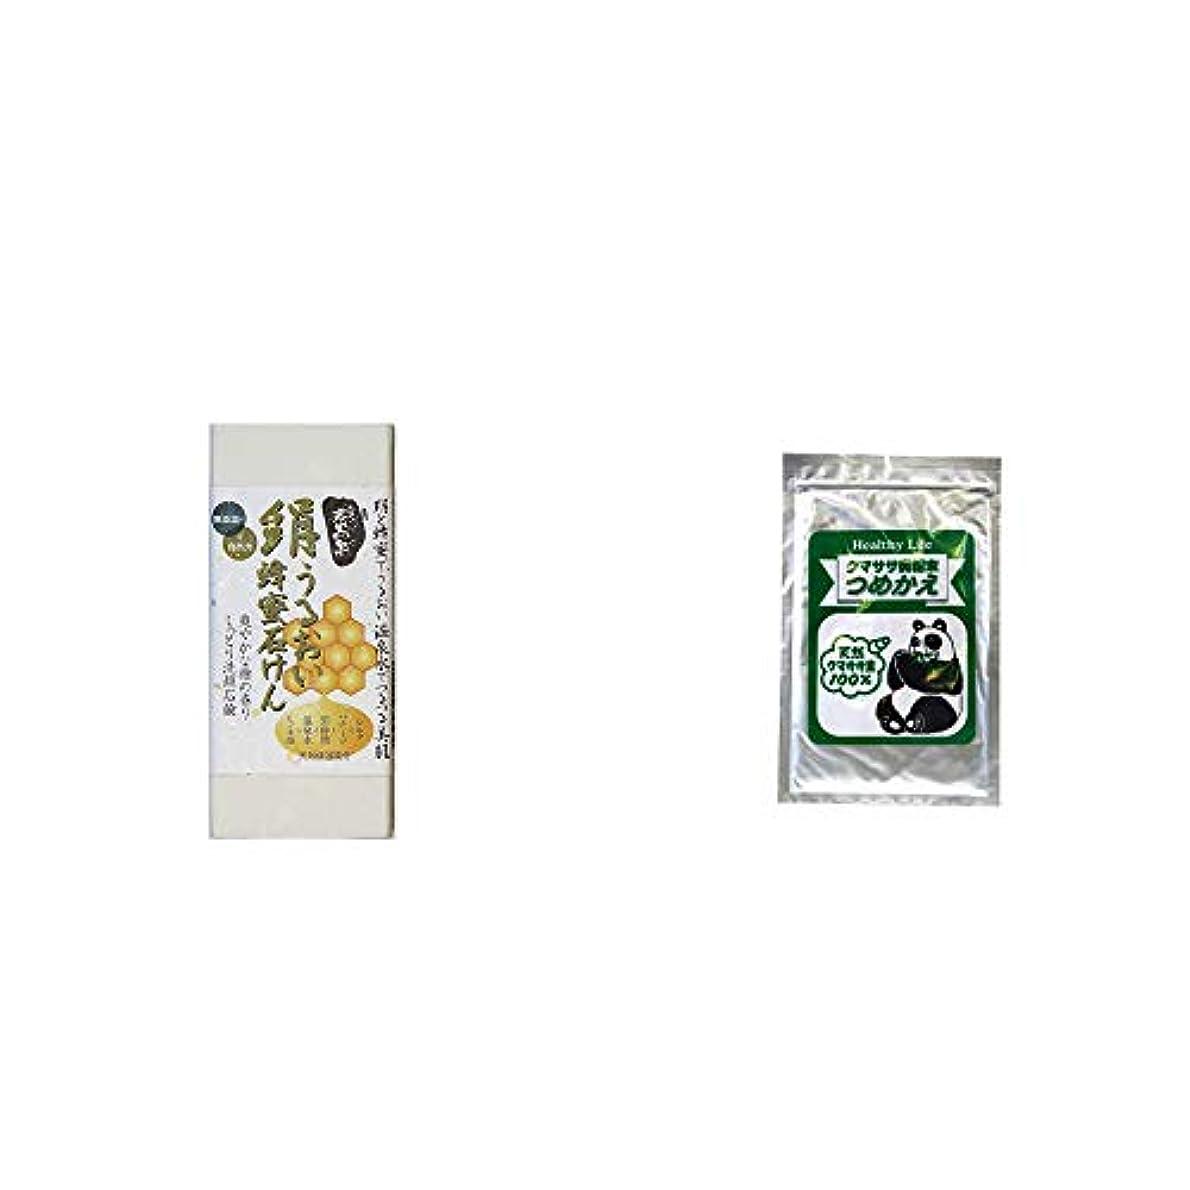 枠潜む治世[2点セット] ひのき炭黒泉 絹うるおい蜂蜜石けん(75g×2)?木曽産 熊笹100% クマササ微粉末 詰め替え用 (60g)